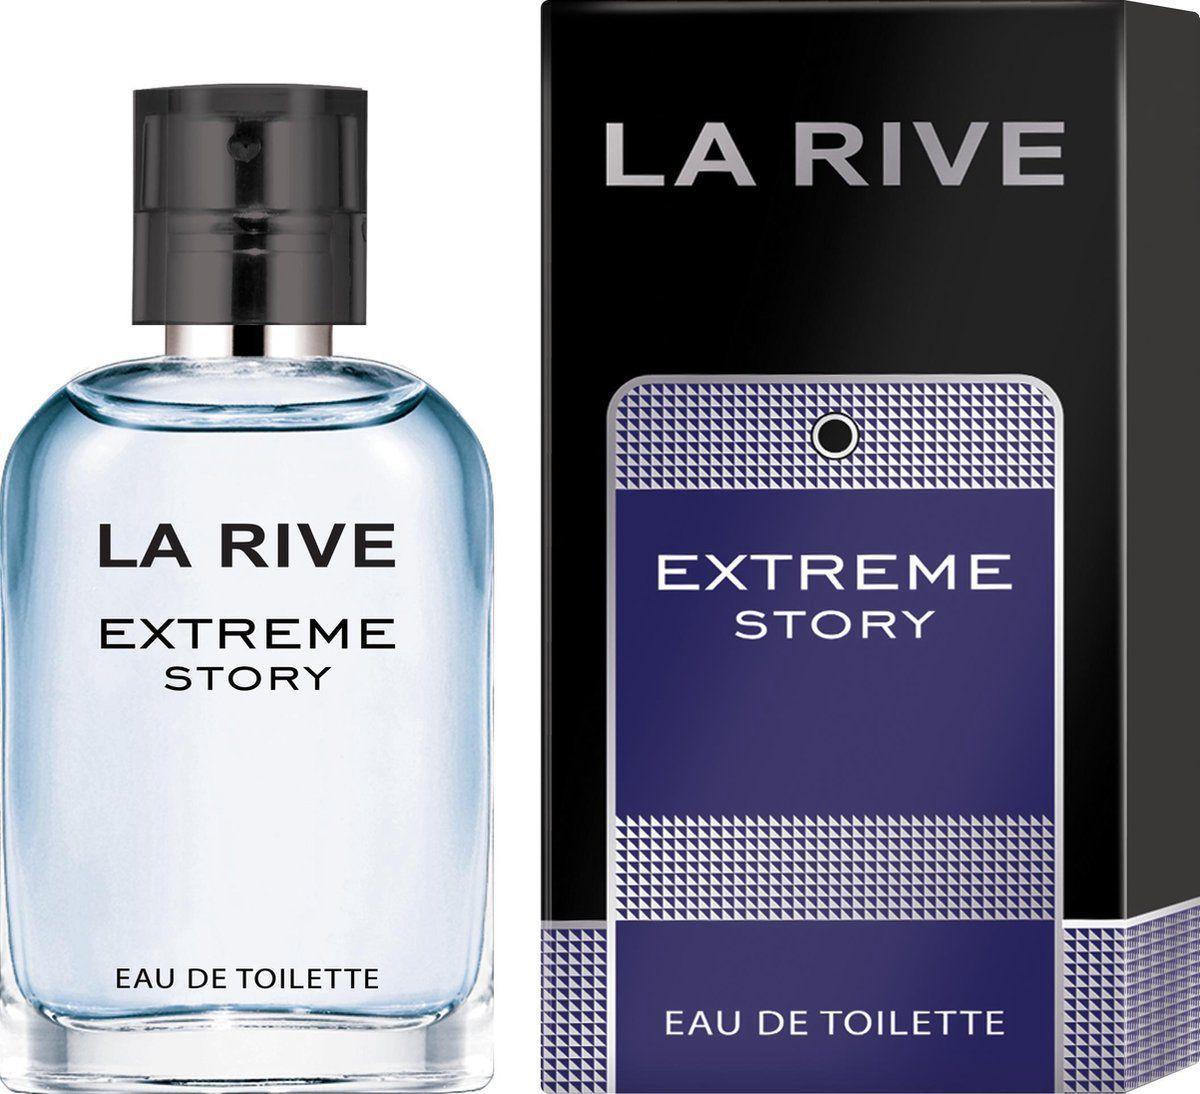 LA RIVE EXTREME STORY 30ml